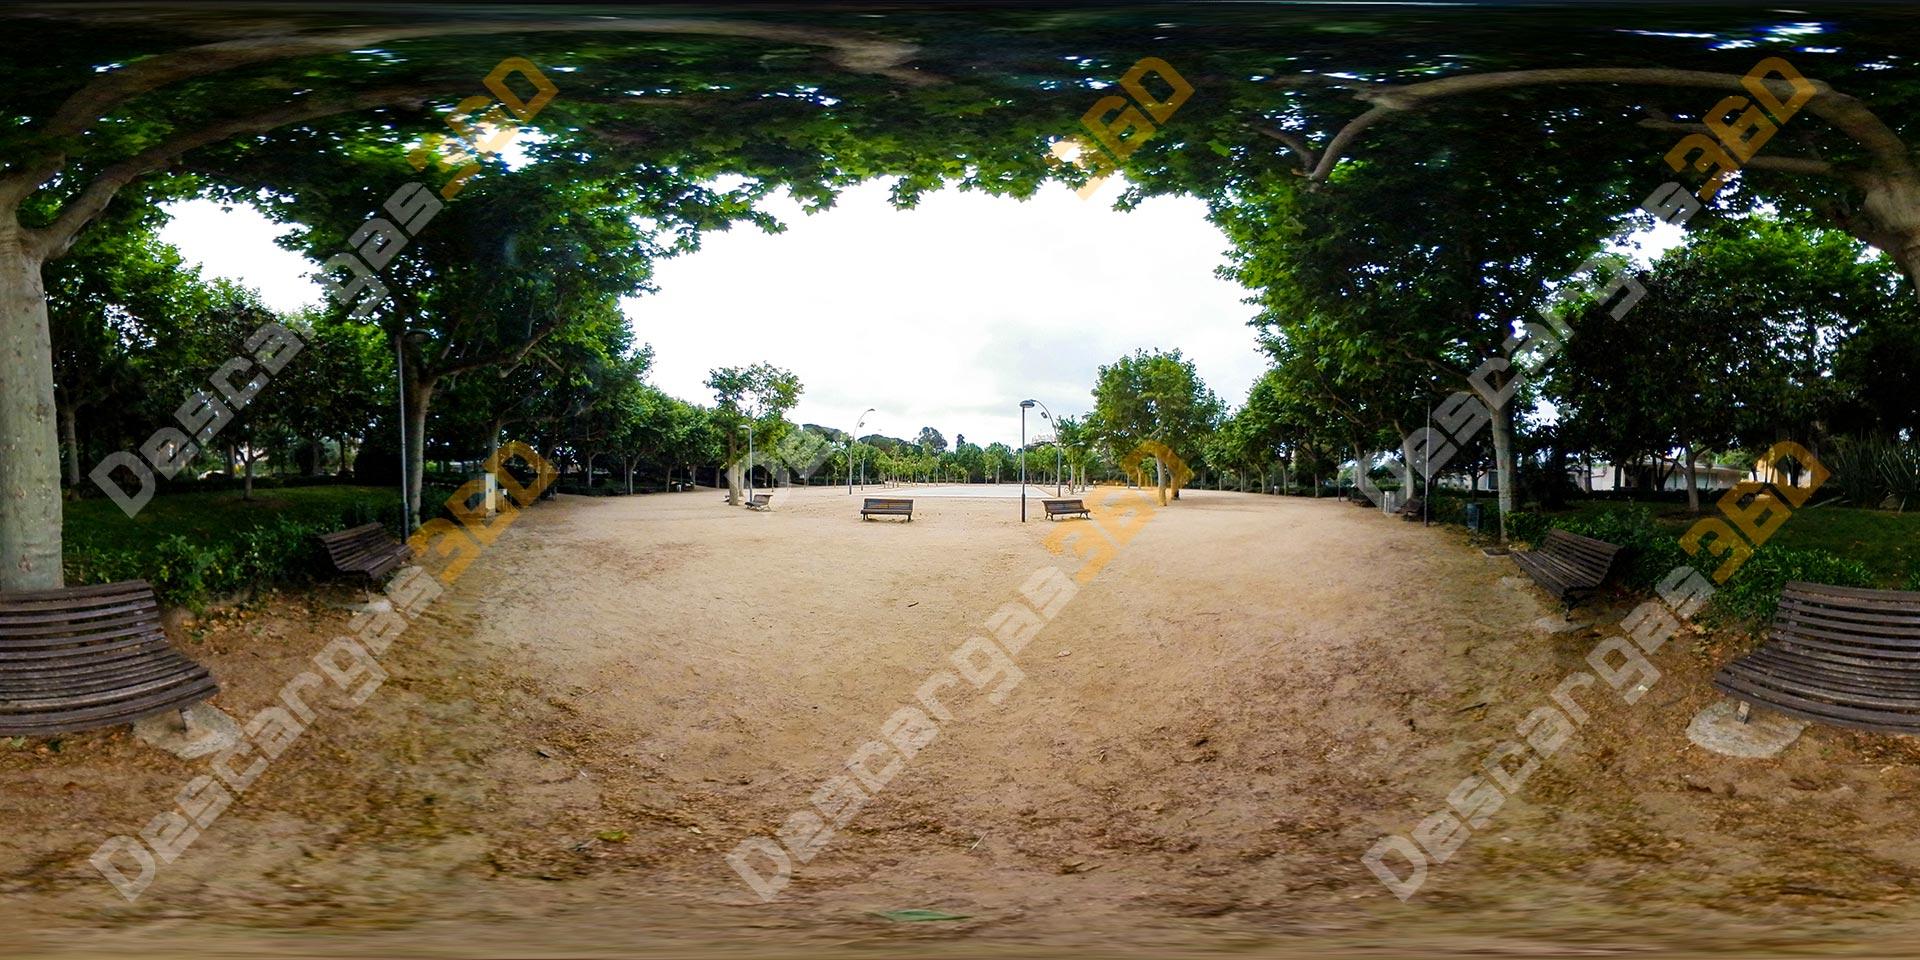 Bancos-en-parque-360-Naturaleza---Descargas360_preview